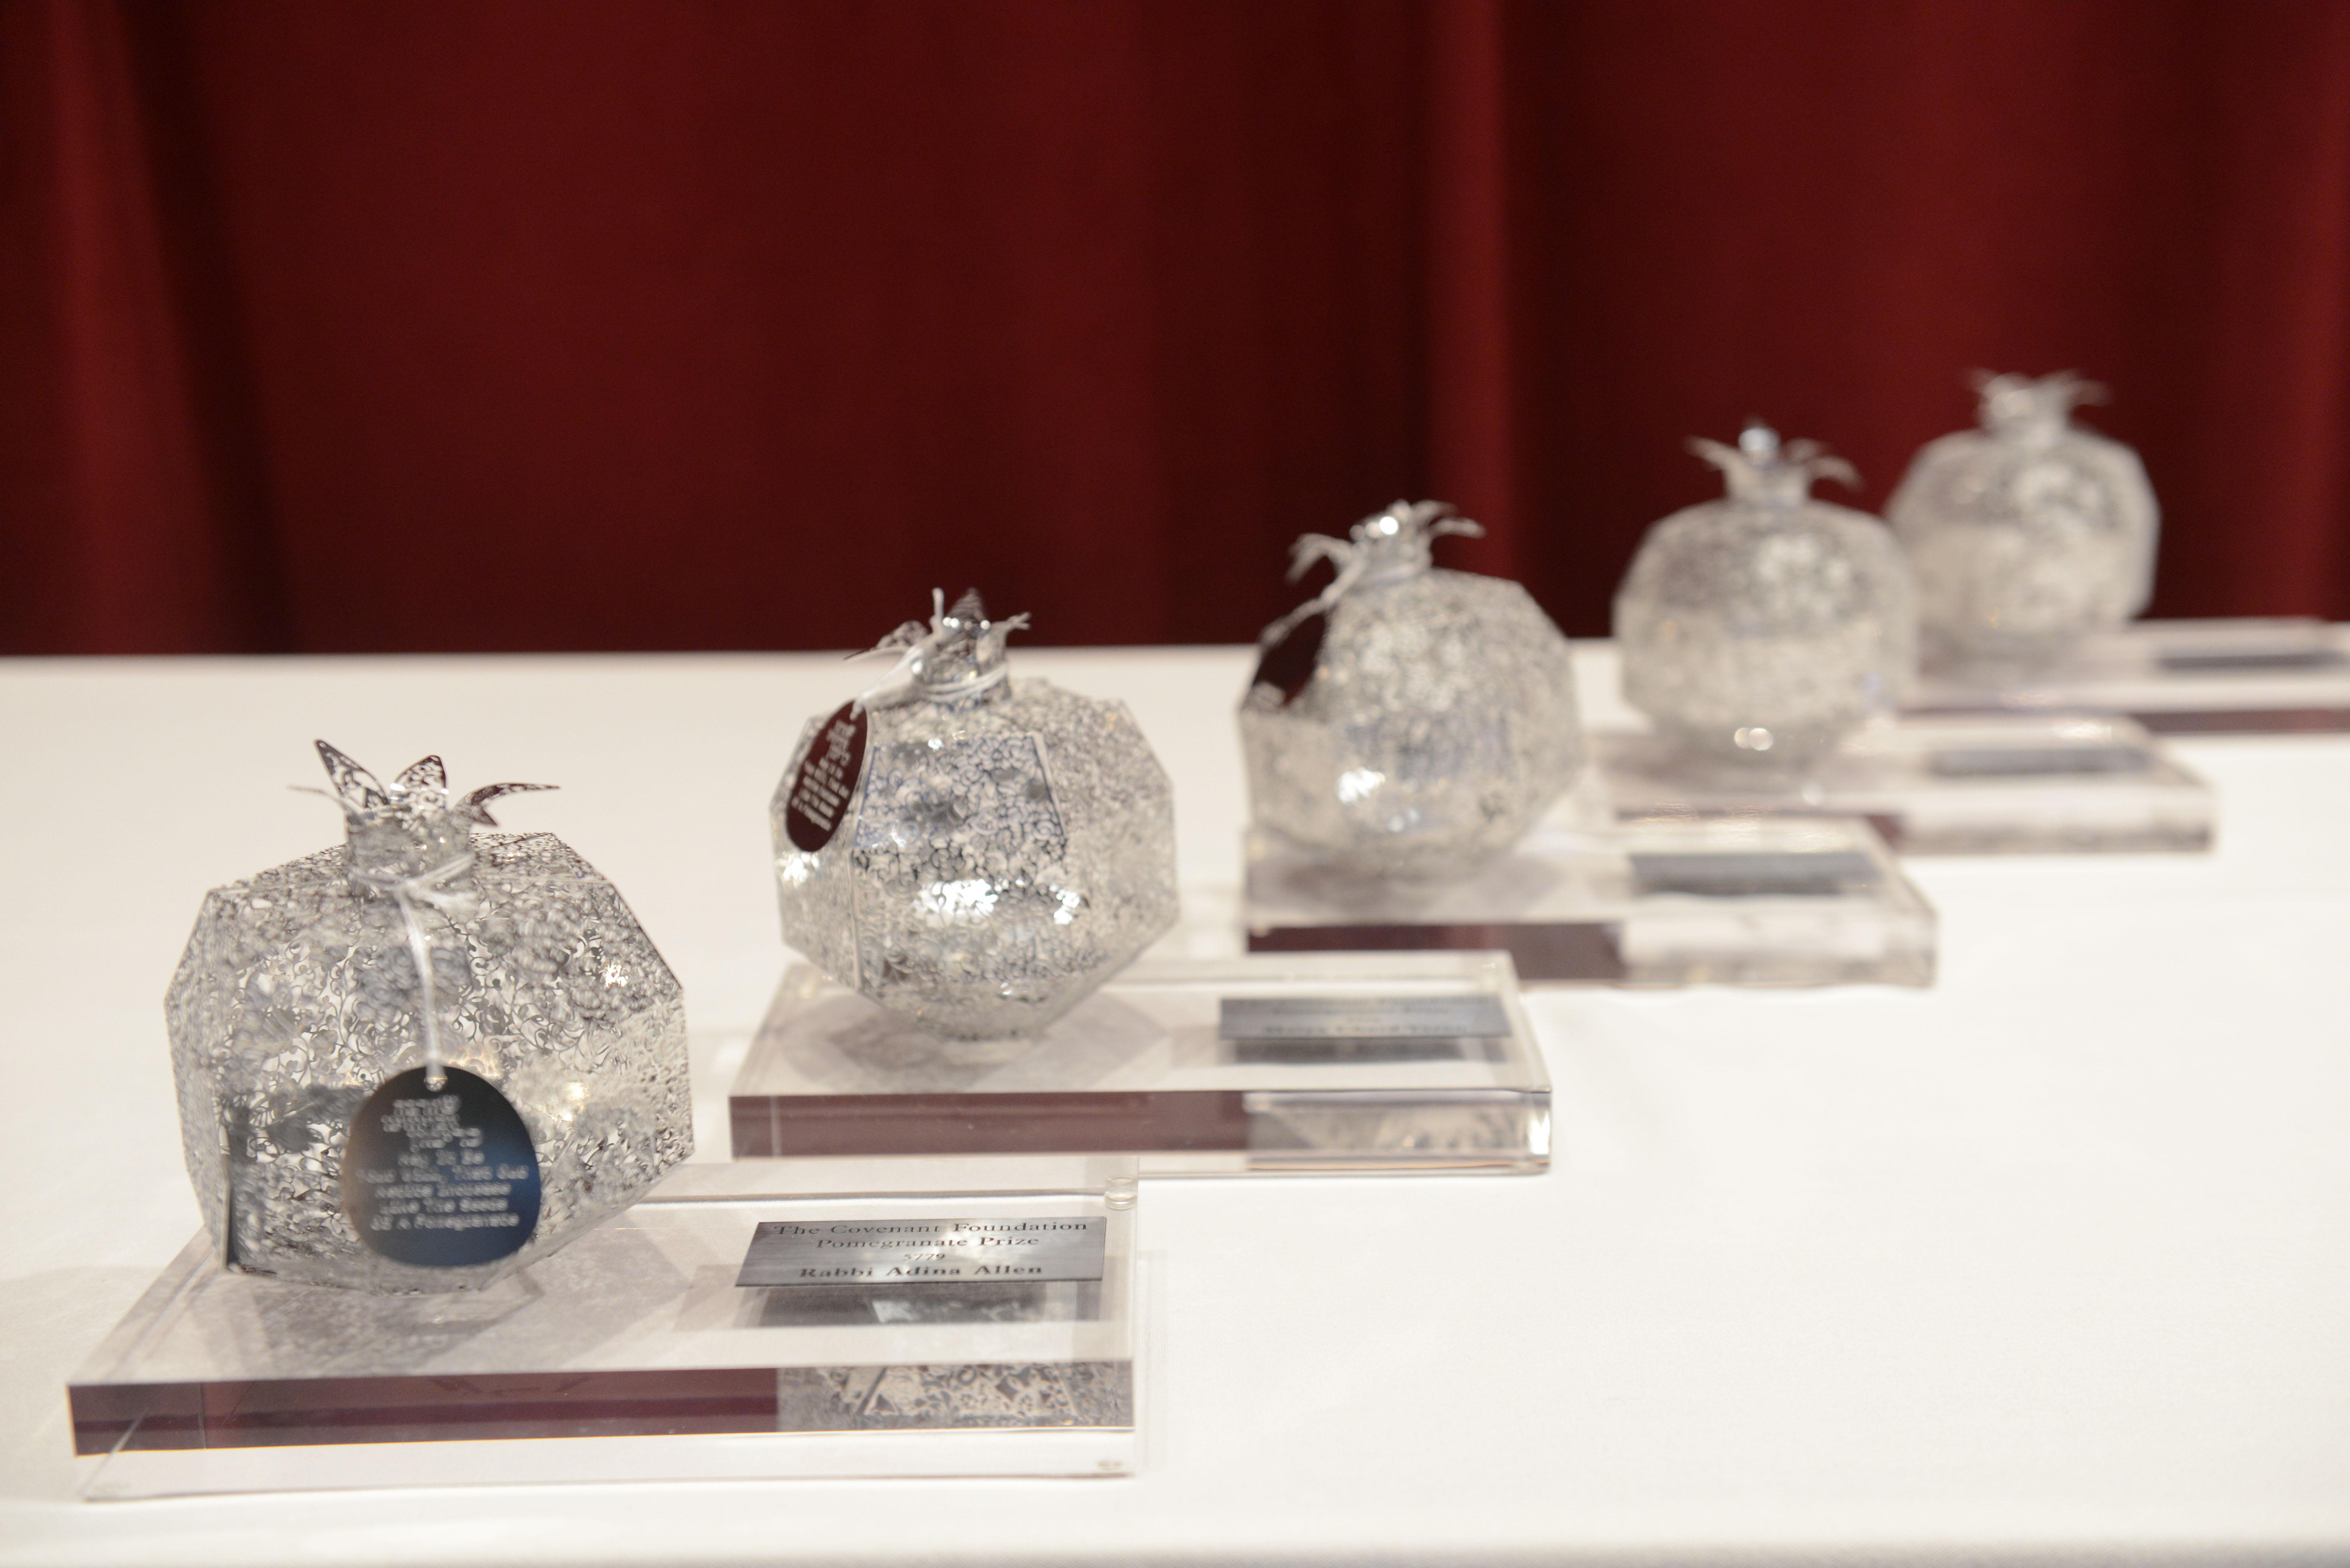 The Pomegranate Prize awards.